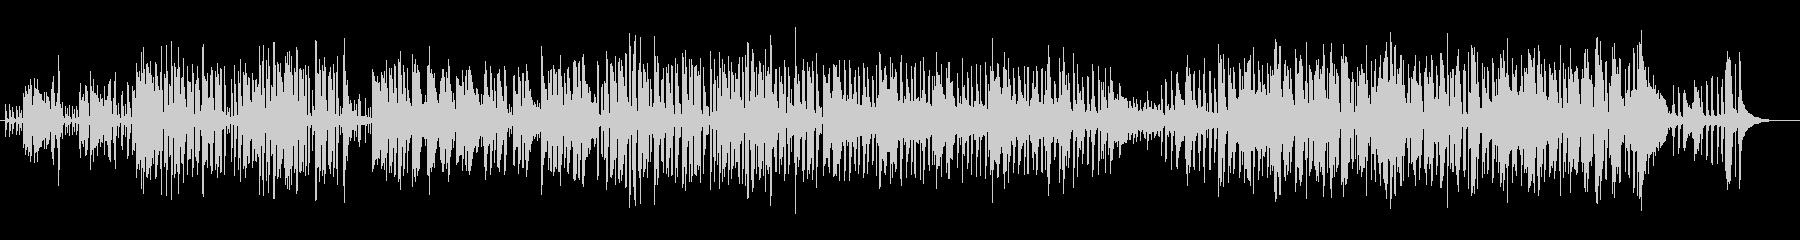 おしゃれで明るいシンセピアノサウンドの未再生の波形